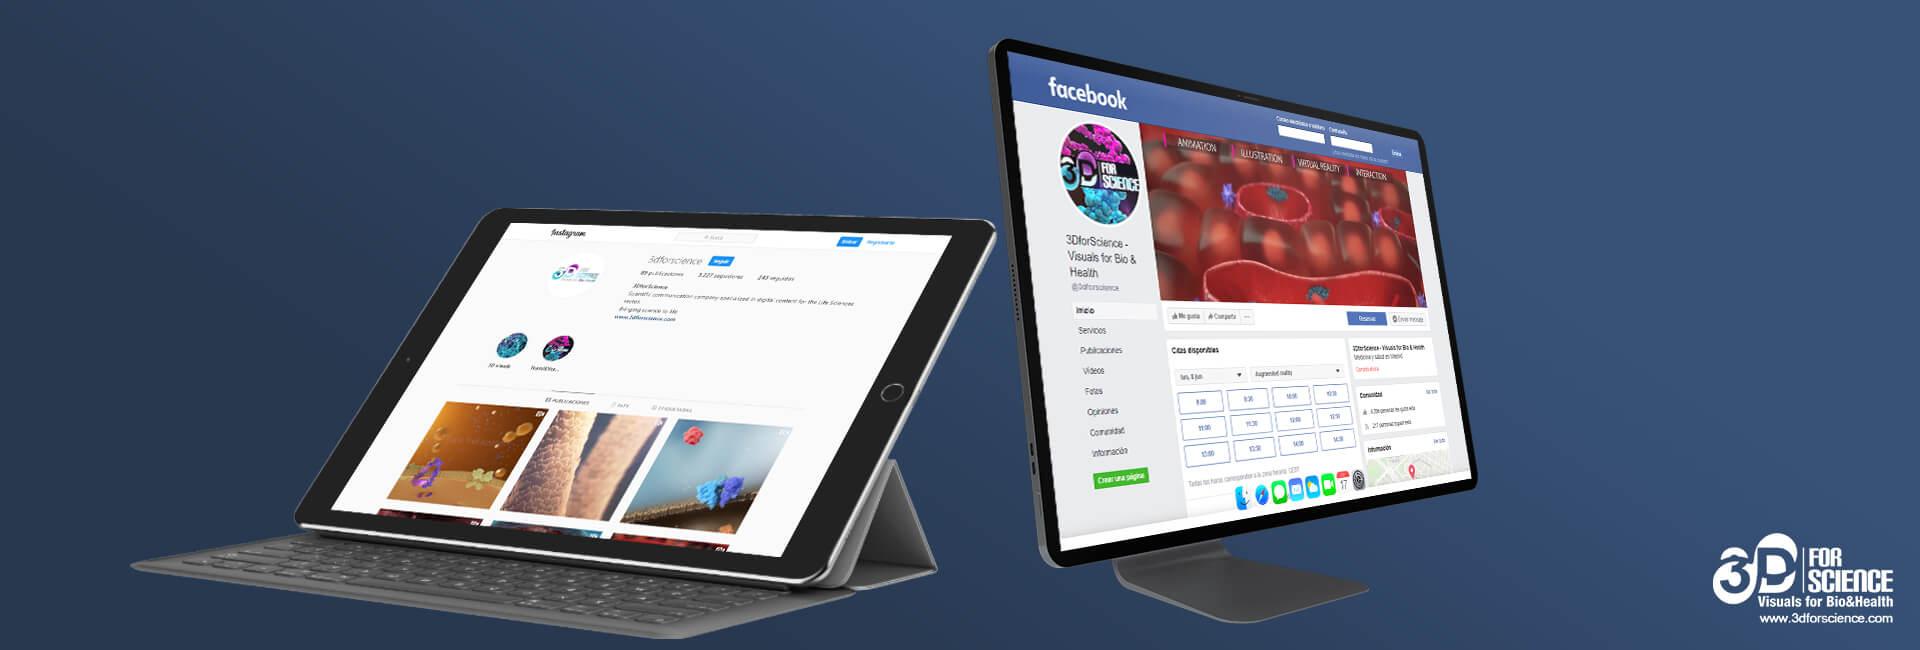 digital marketing trends 2020 social media